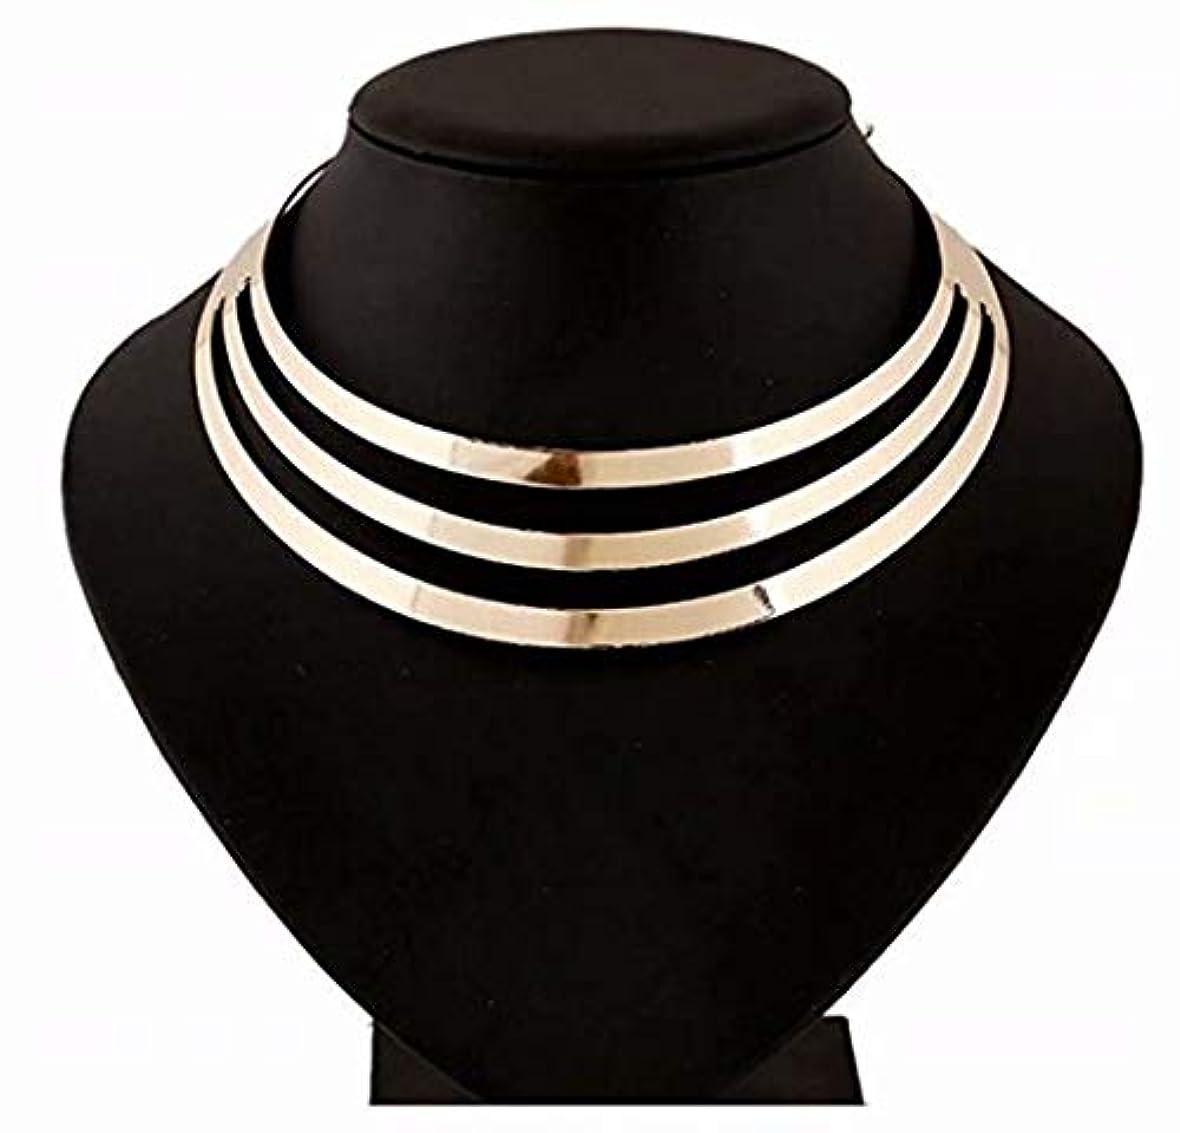 全滅させるさらに醜い七里の香 ペンダントネックレス 3 多層半円のペンダント 亜鉛合金チェーンネックレス ファッション 女性 -ゴールド